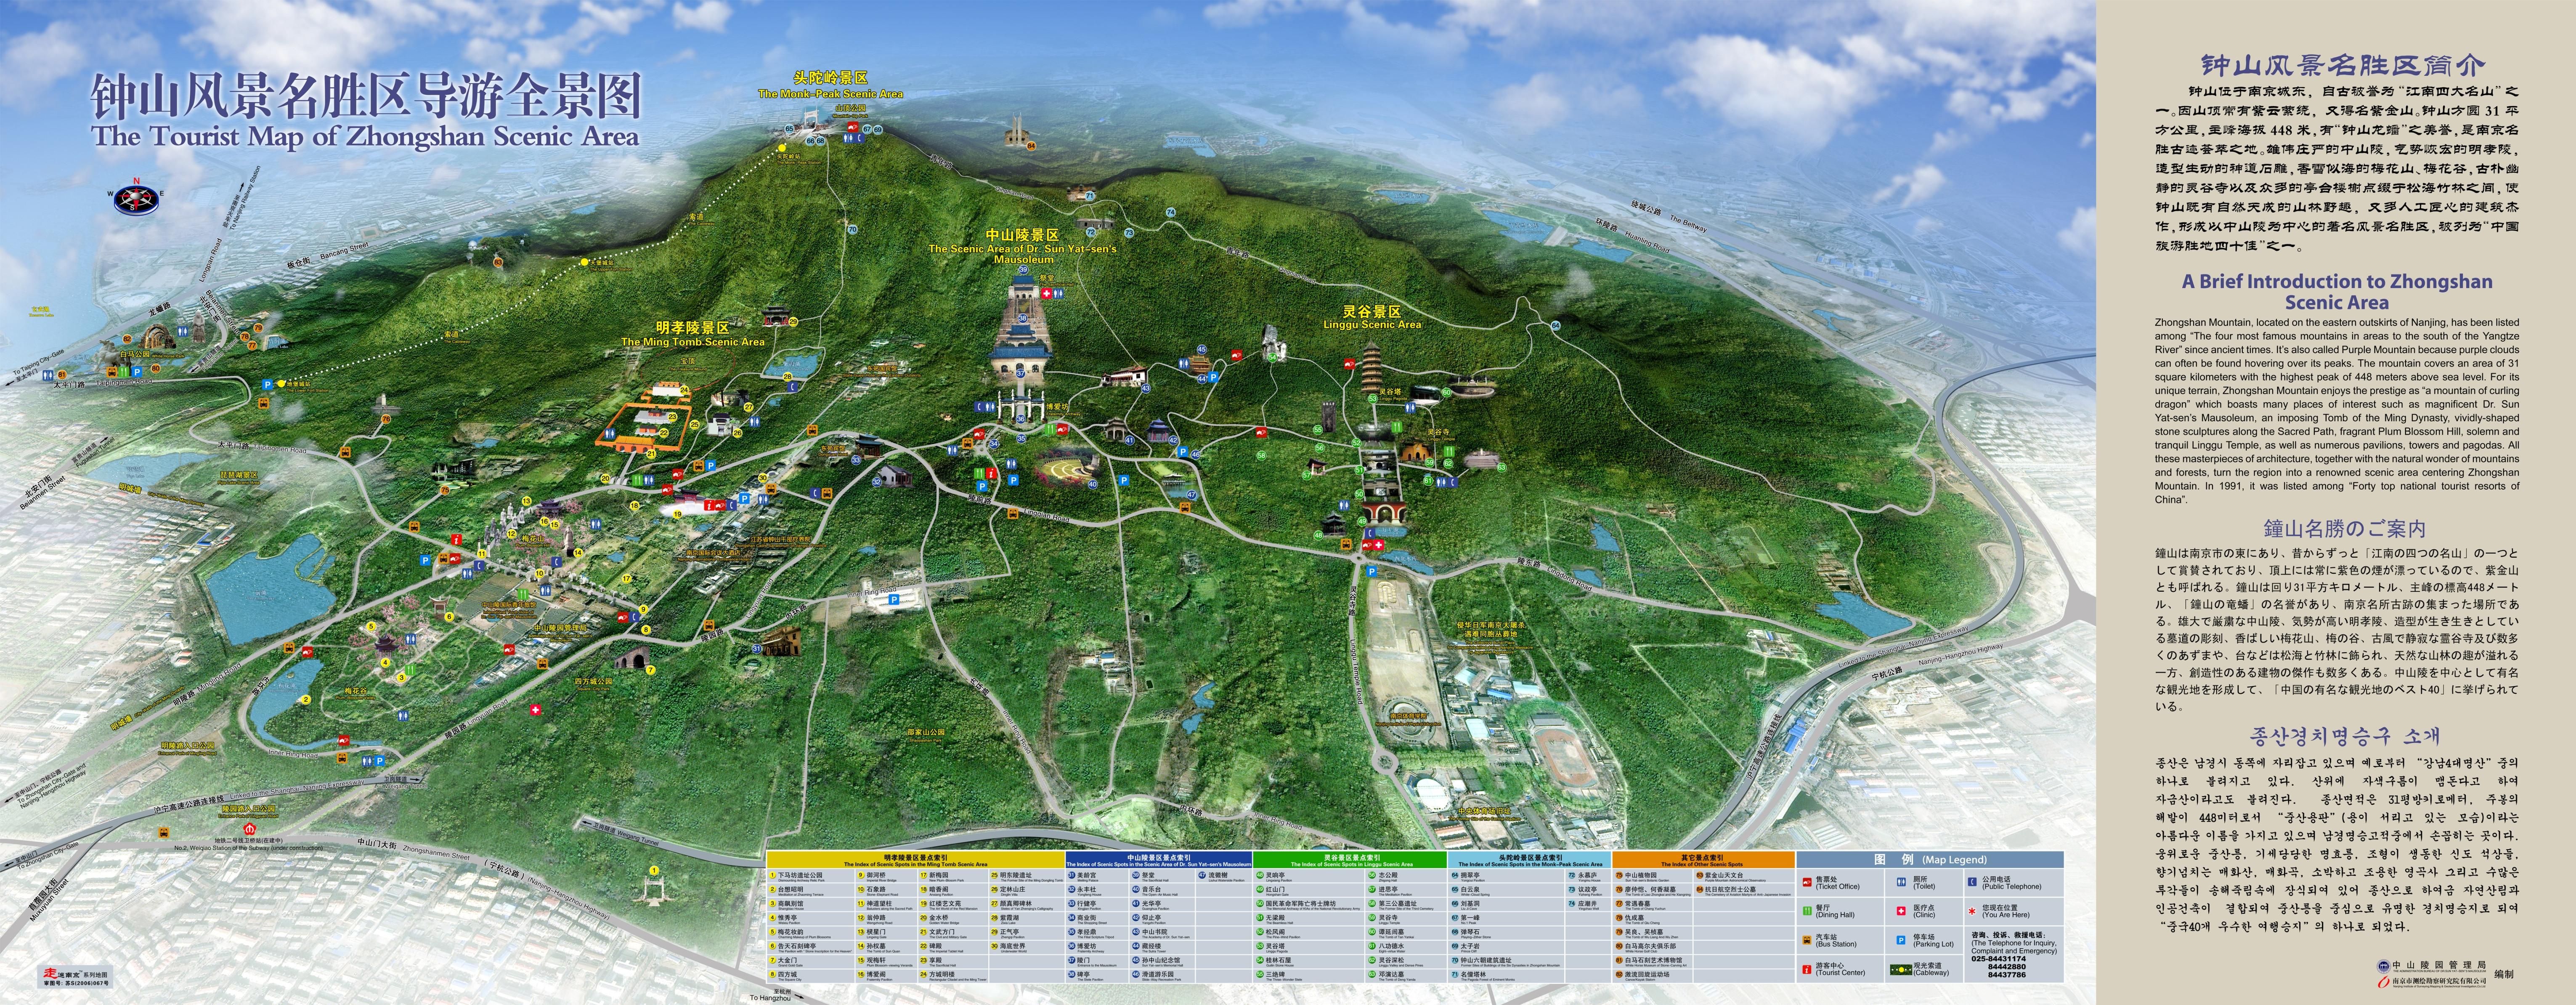 钟山风景区导览